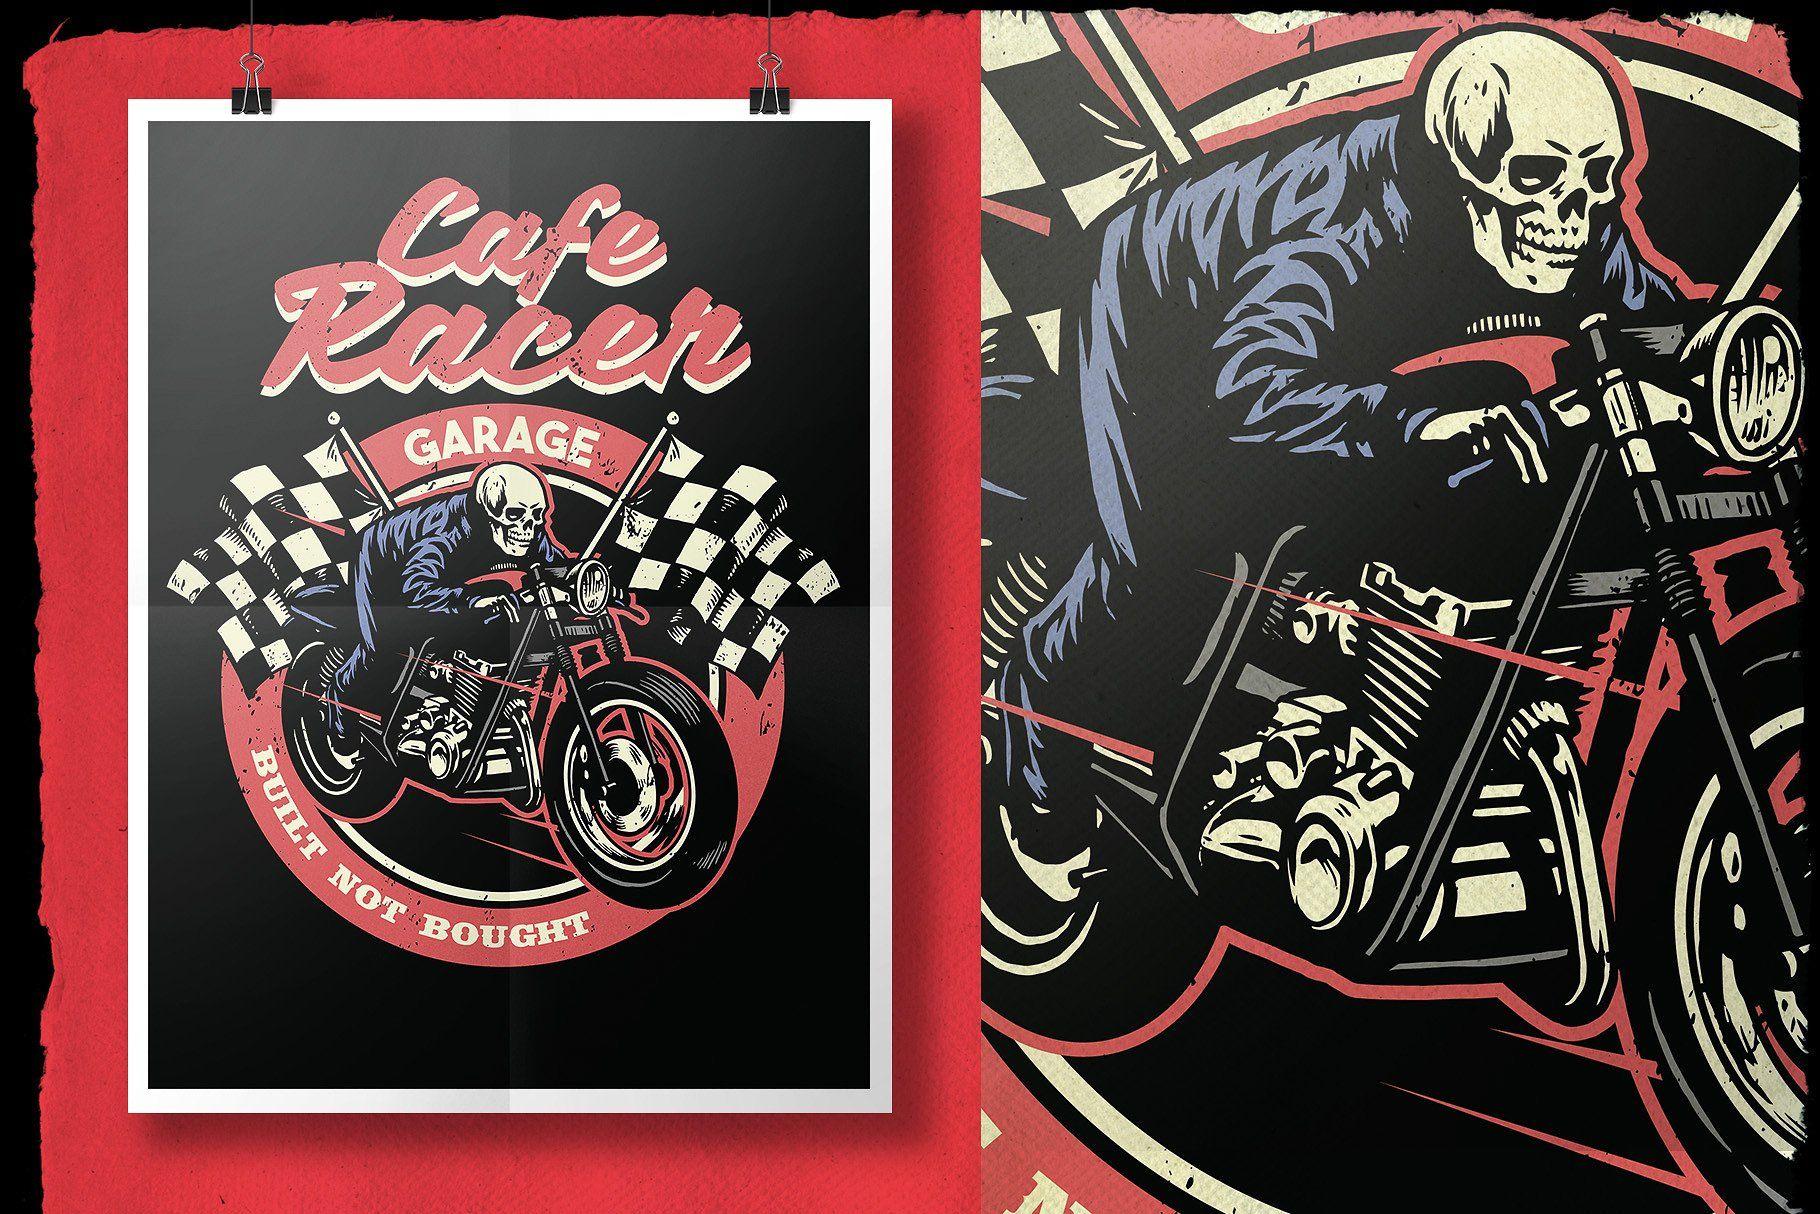 Vintage Motorcycle T Shirt Design Vintage Motorcycle Tshirt Designs Motorcycle Tshirts